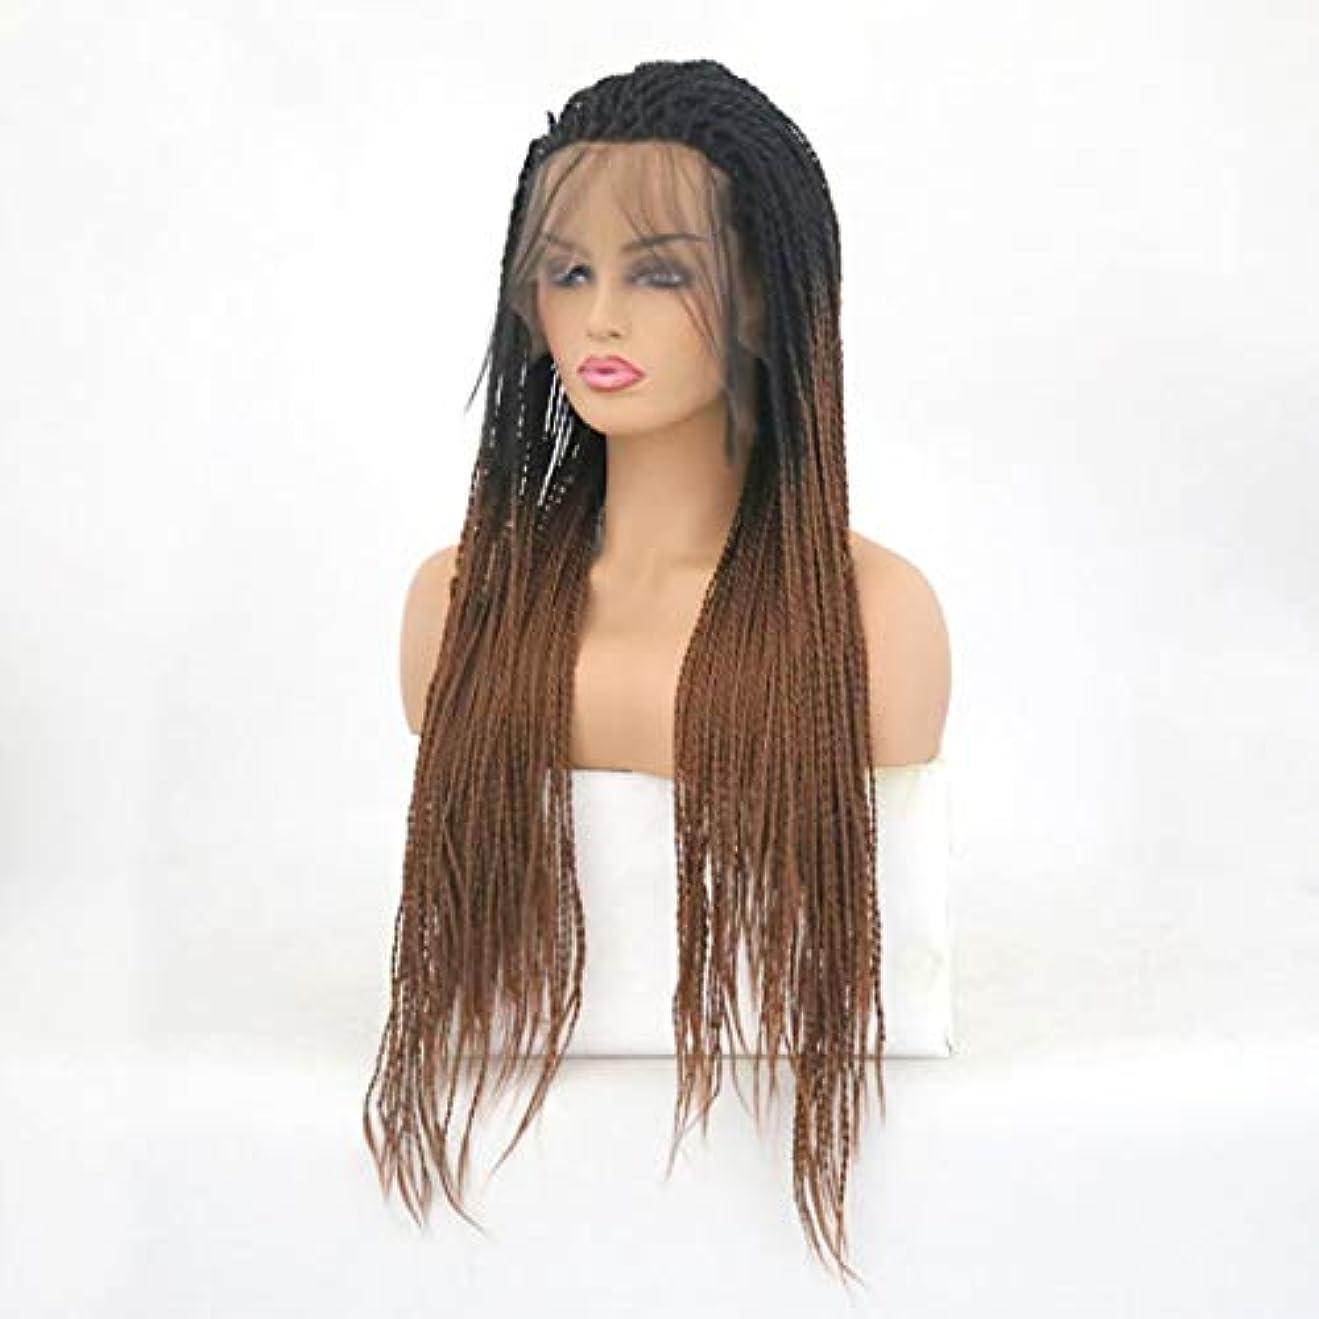 花輪意識的大胆なKerwinner ツイストブレイドかぎ針編みブレイドヘアエクステンション事前ループ女性用高温繊維